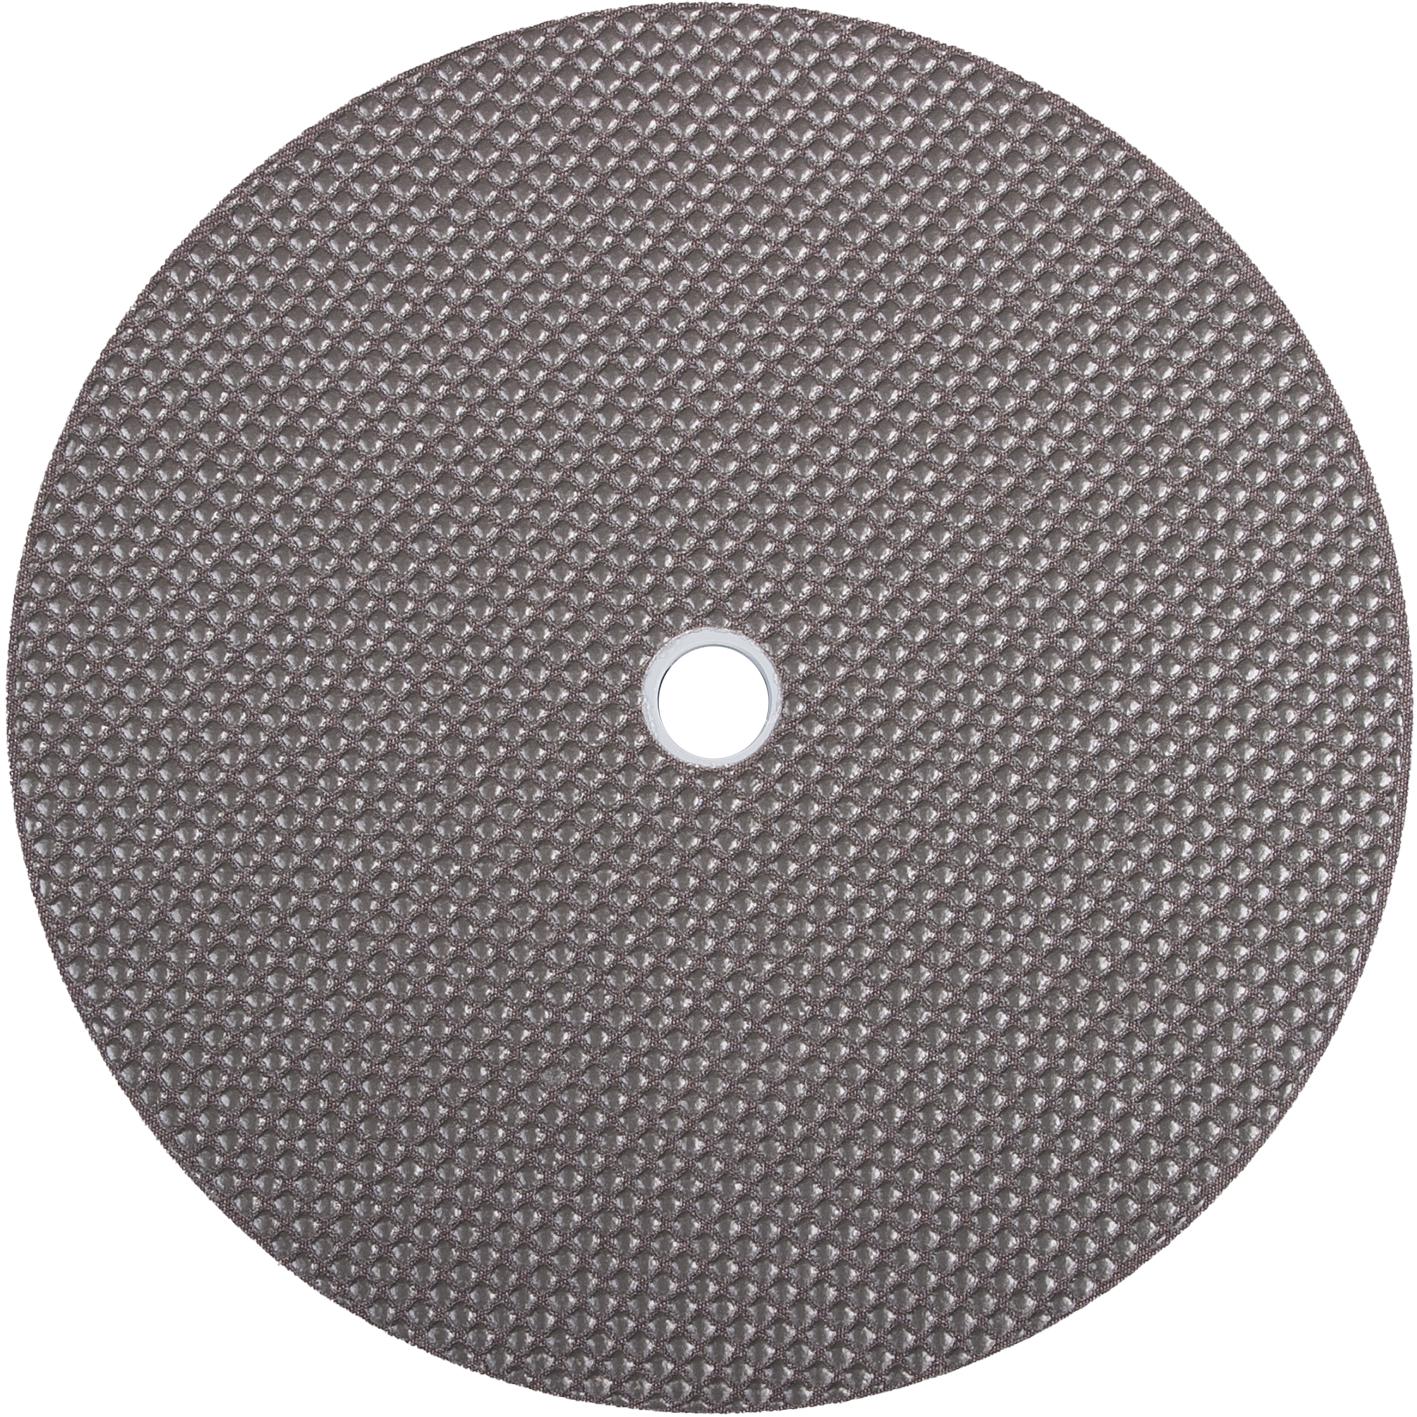 Diamantschleifteller OCTRON ø 250 mm | Klett | Korn 8000